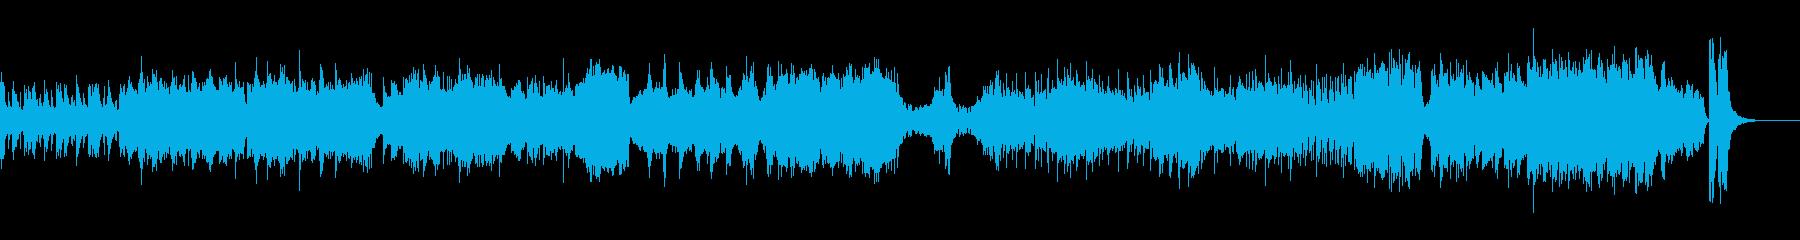 歴史を意識した和風オーケストラの再生済みの波形